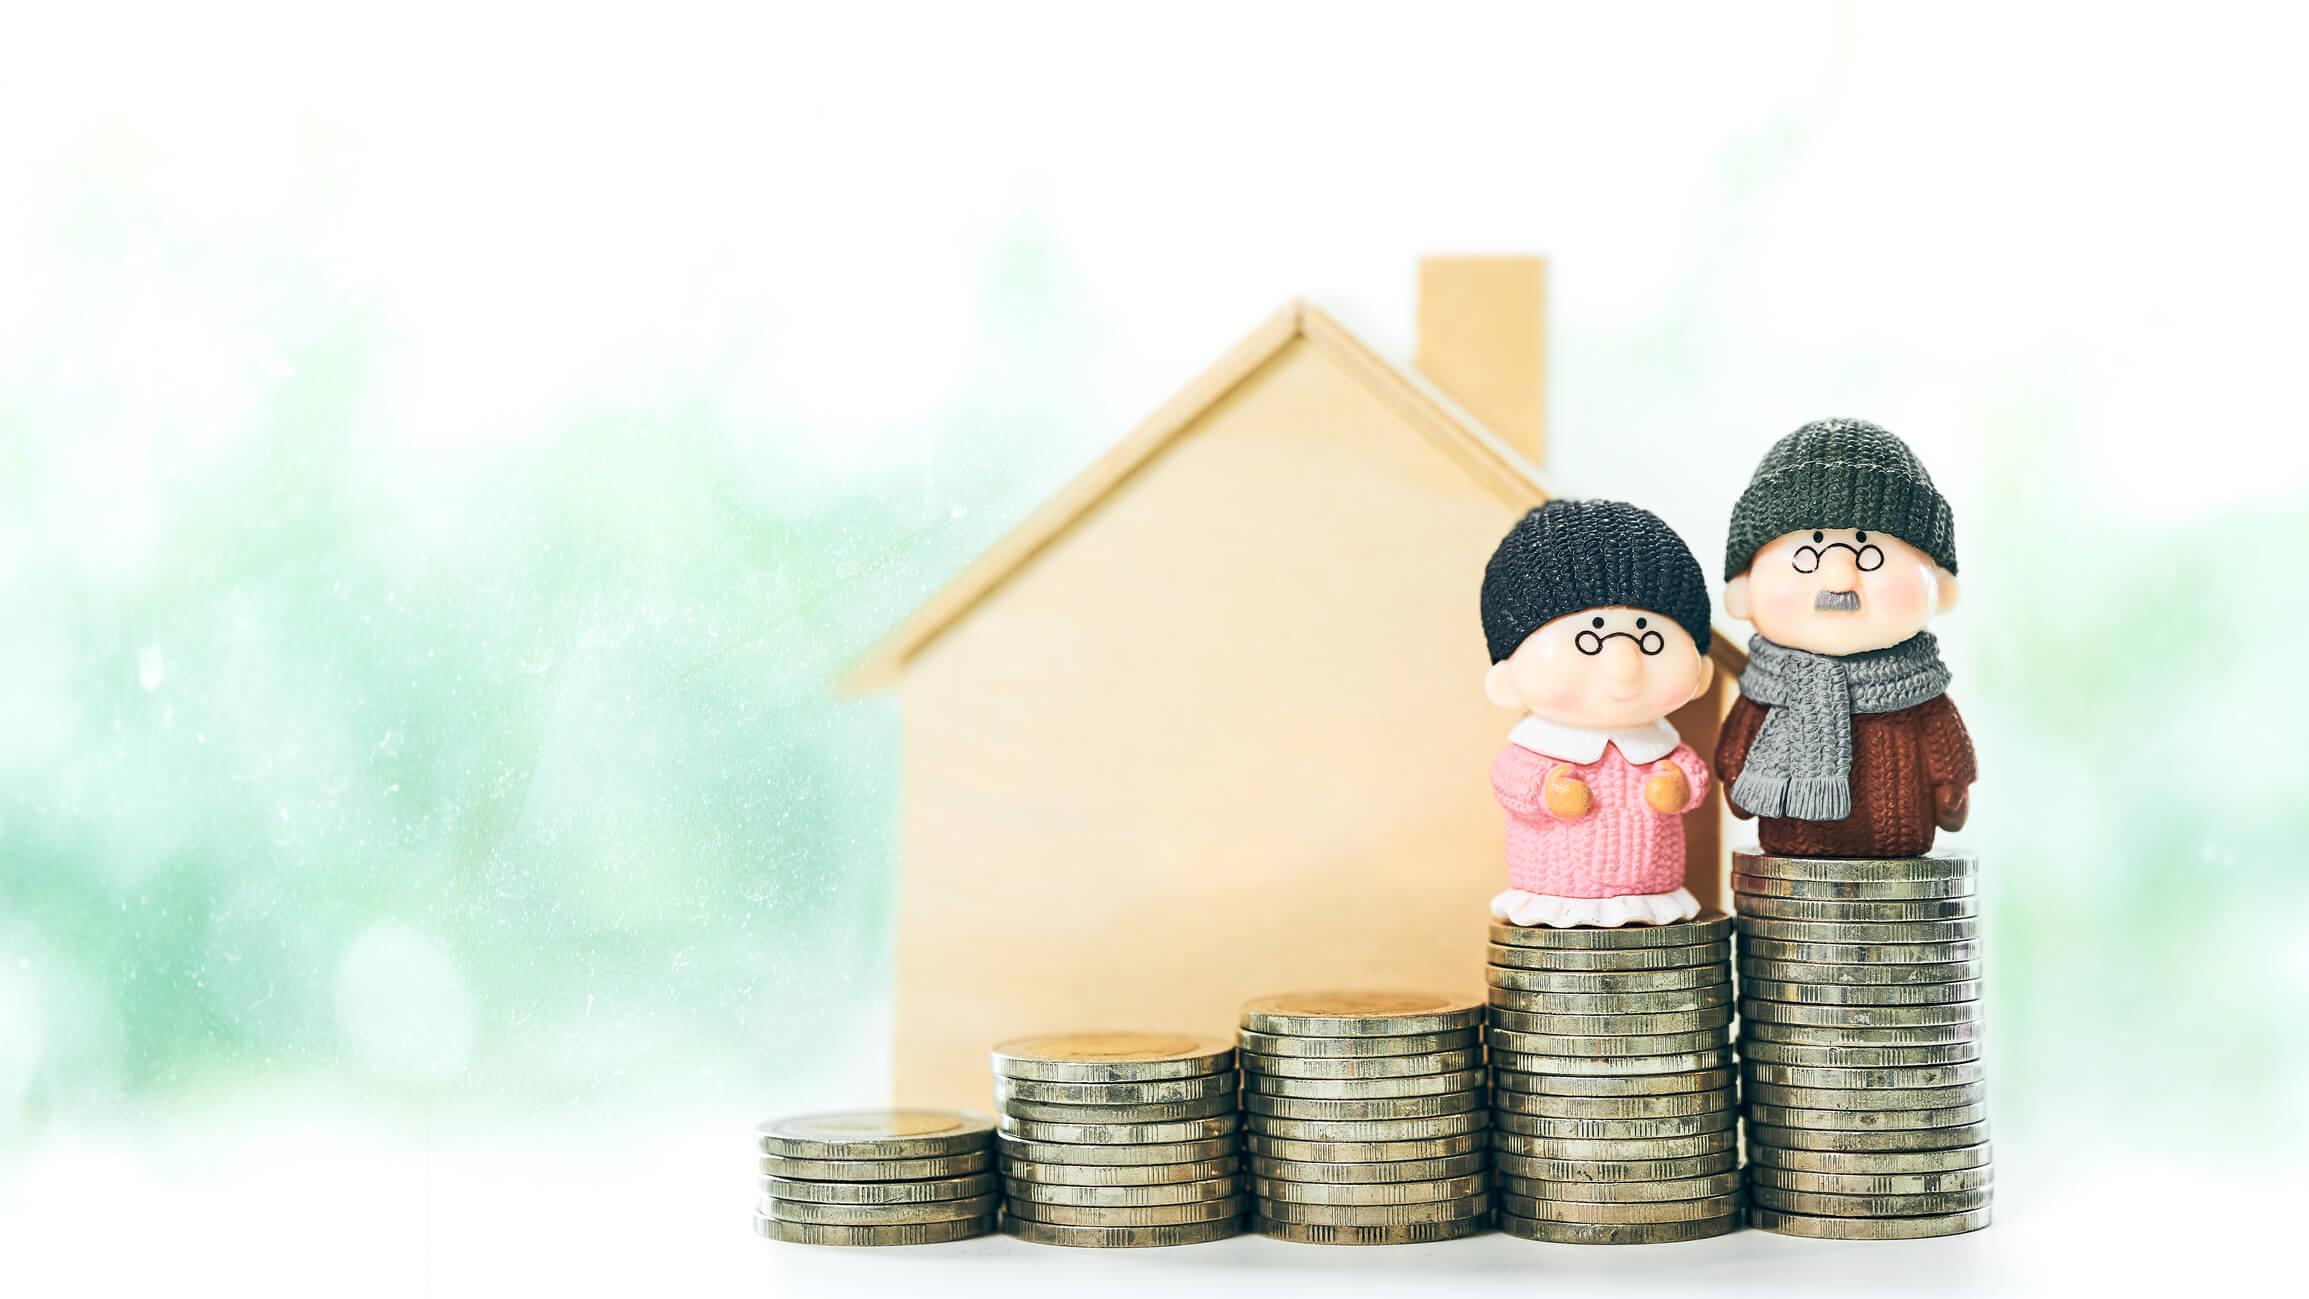 פתחילת קרן פנסיה לשכיר ולעצמאי